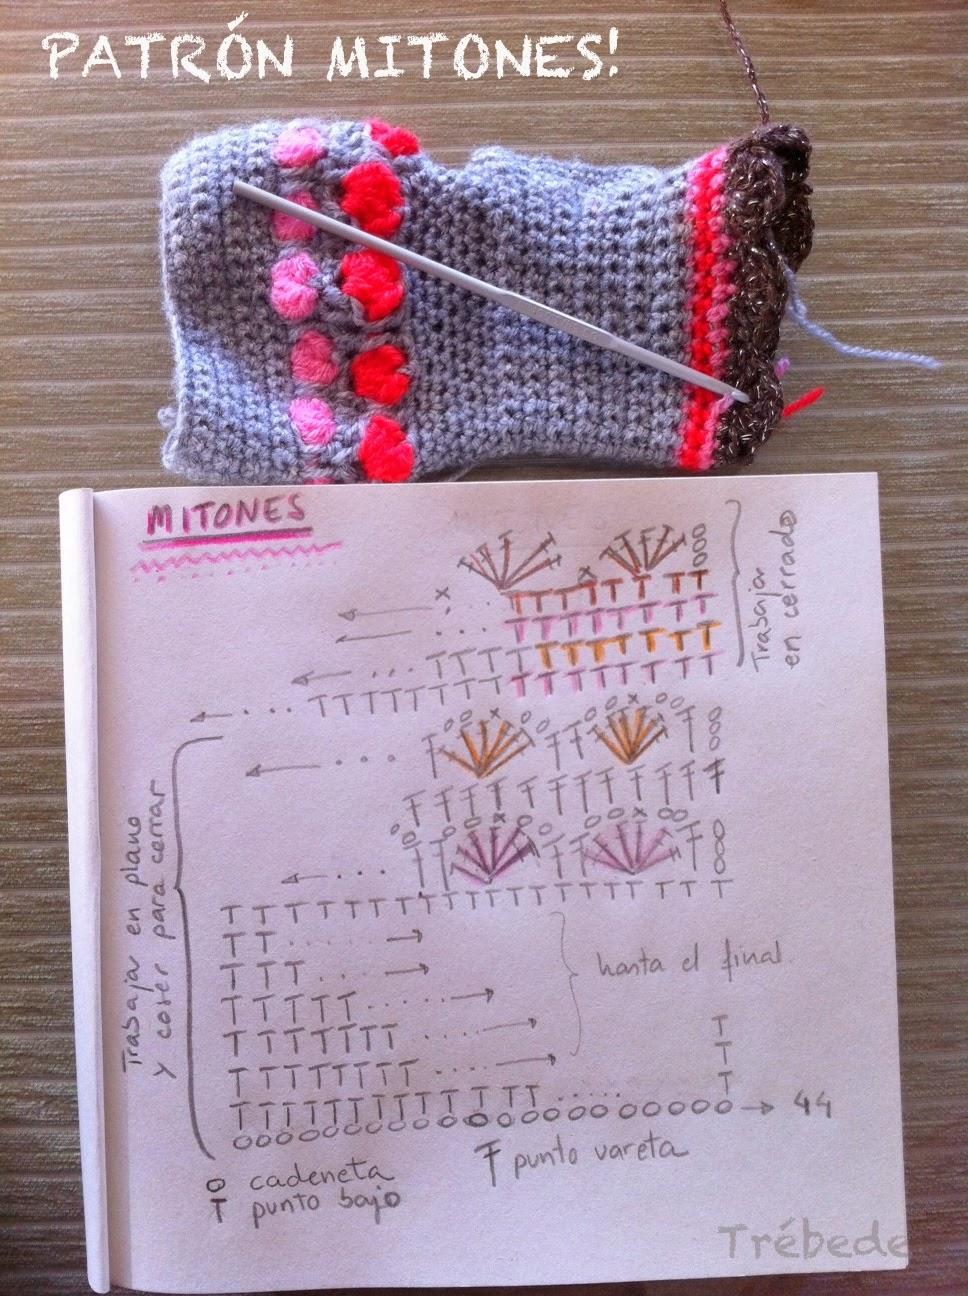 Vistoso Patrón Mitones Crochet Bandera - Manta de Tejer Patrón de ...